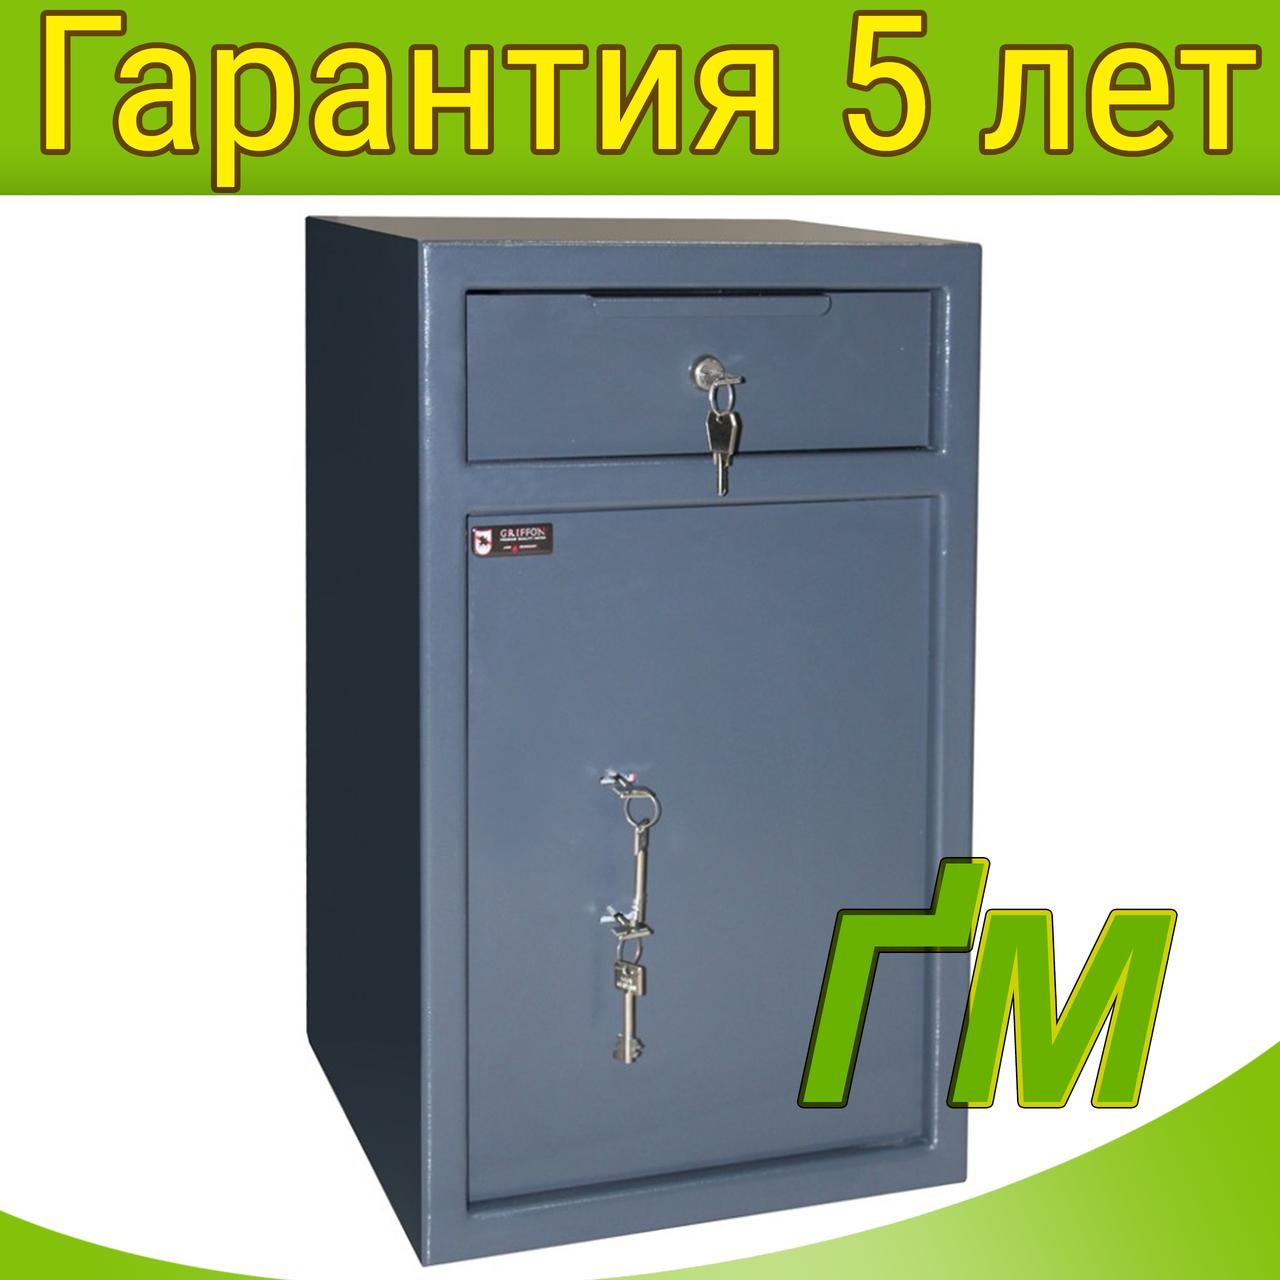 Сейф для депонирования RD.60.K.K с ящиком для скрытого вброса купюр (618х380х370мм)